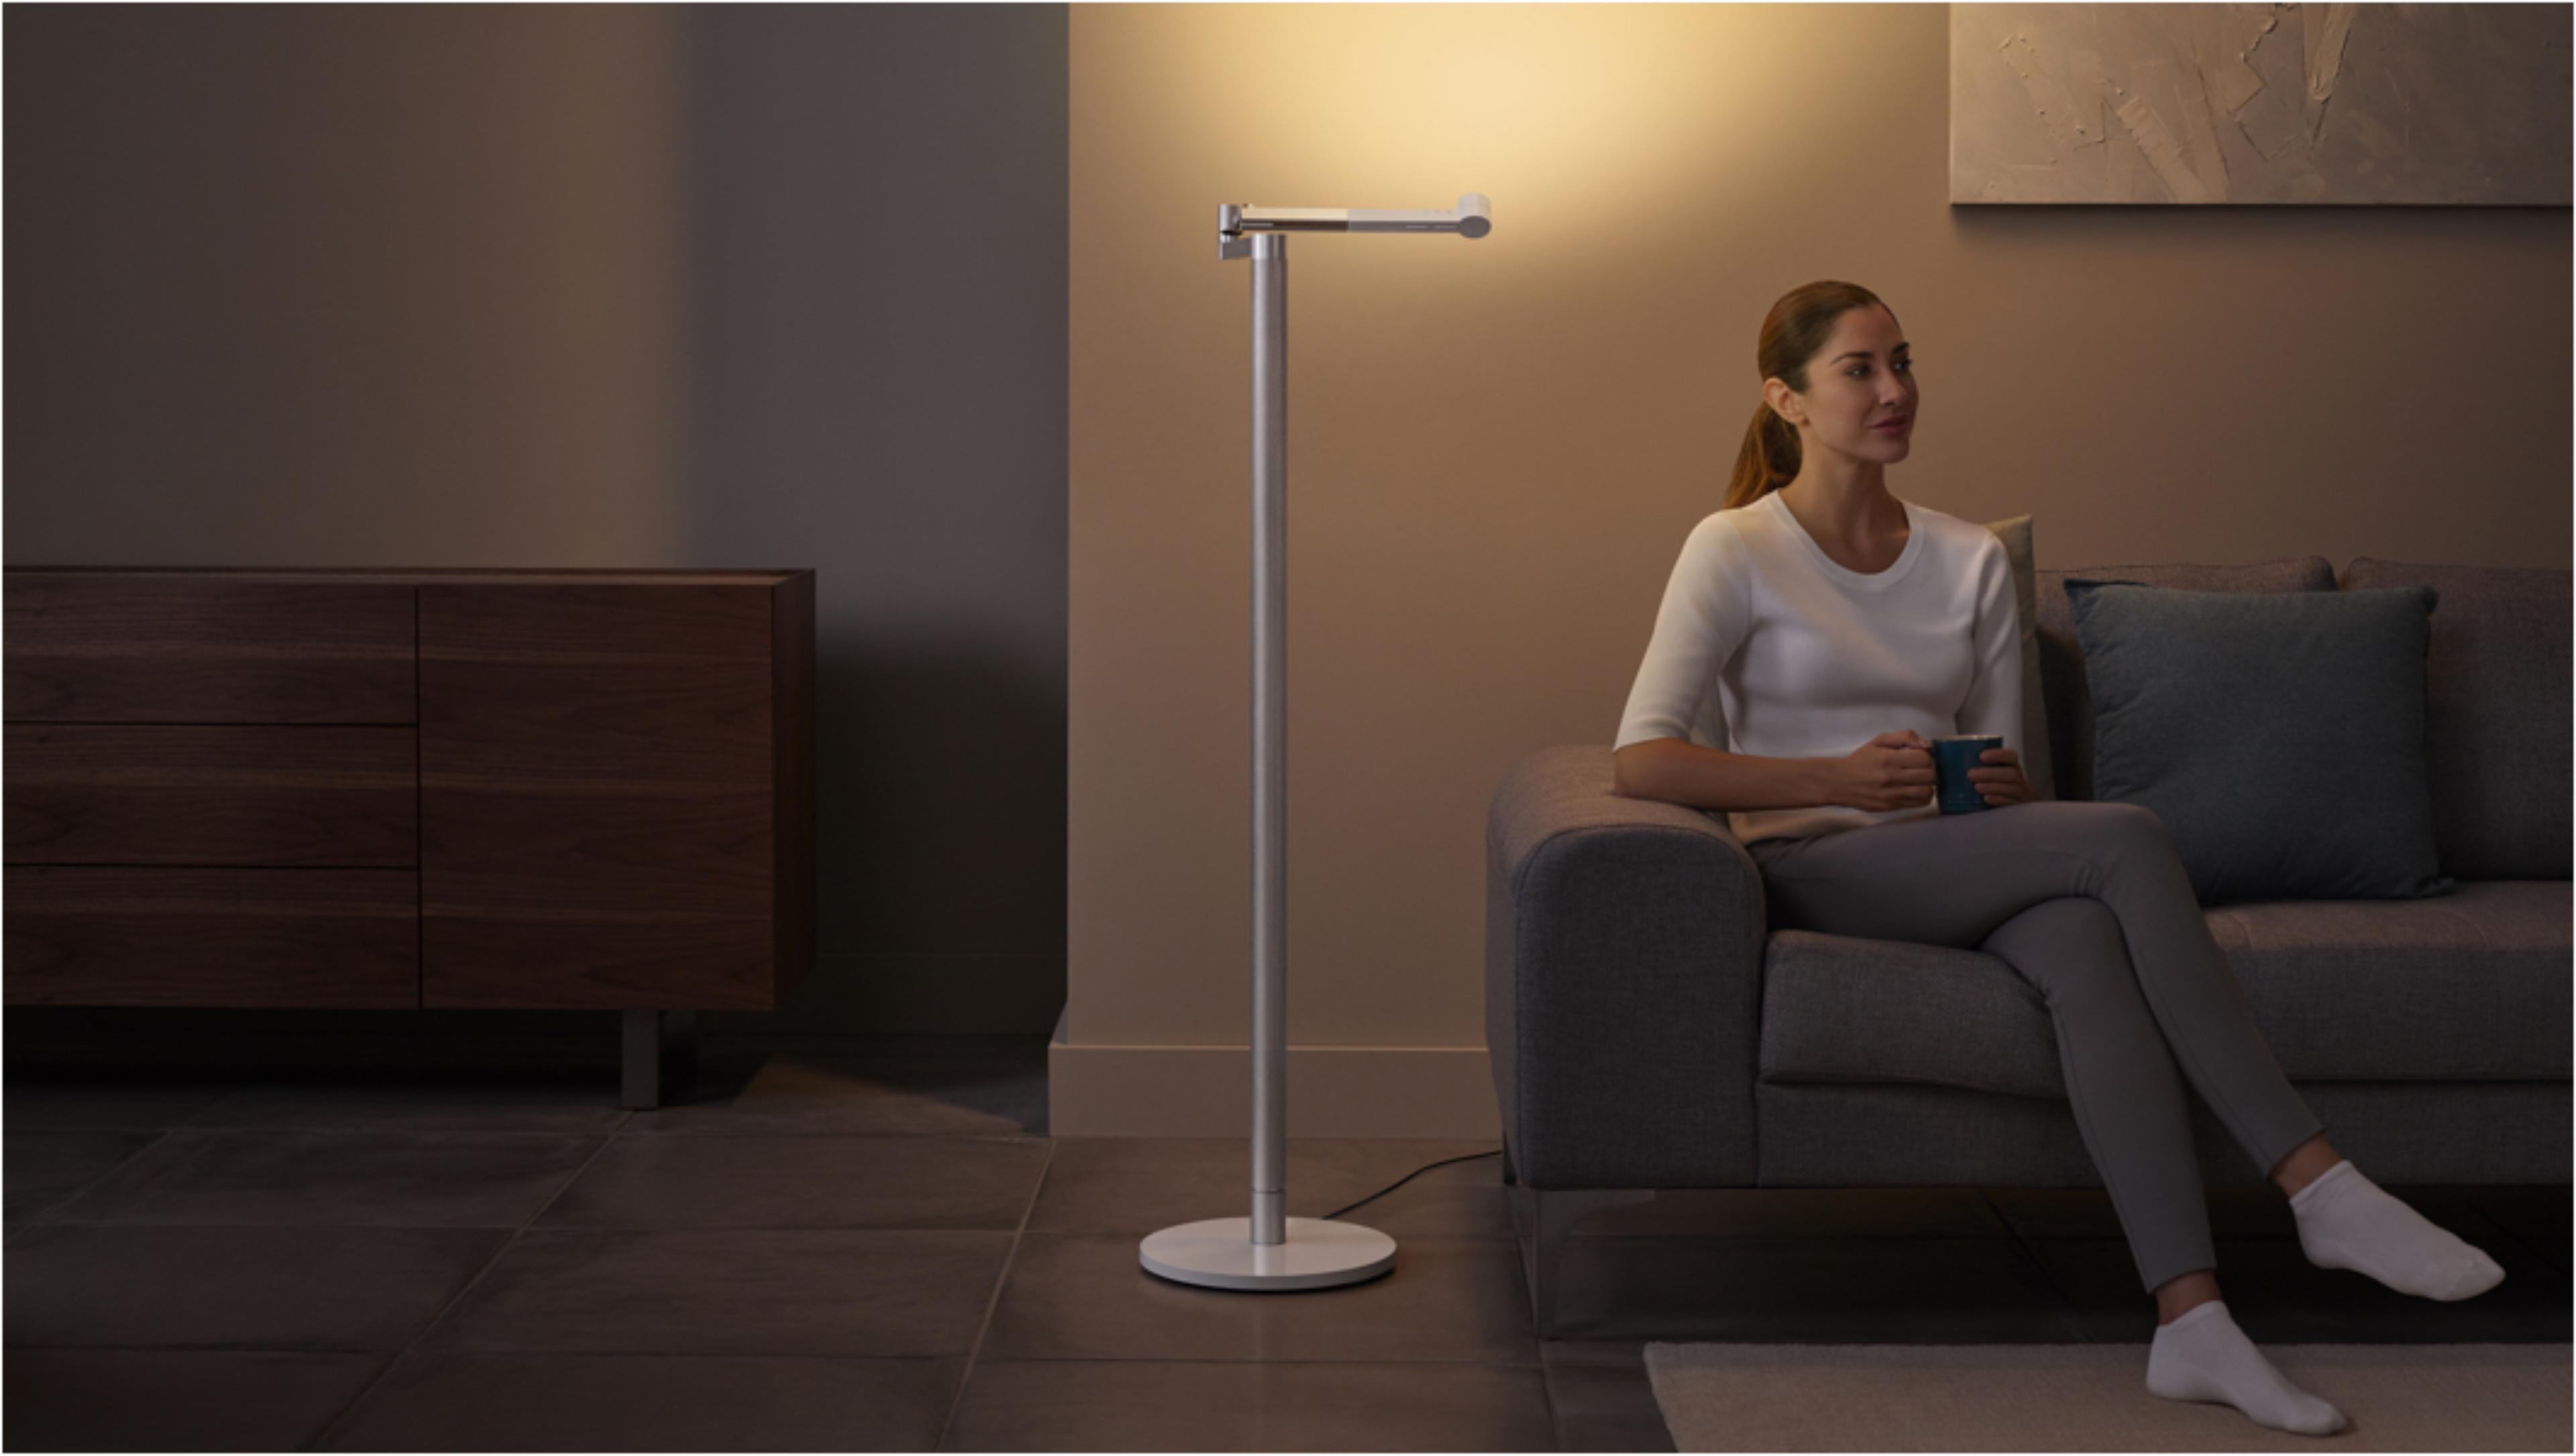 ผู้หญิงกำลังพักผ่อนอยู่ใต้แสงไฟแบบ Indirect ที่ดูดีมีสไตล์จากโคมไฟ Dyson Lightcycle Morph